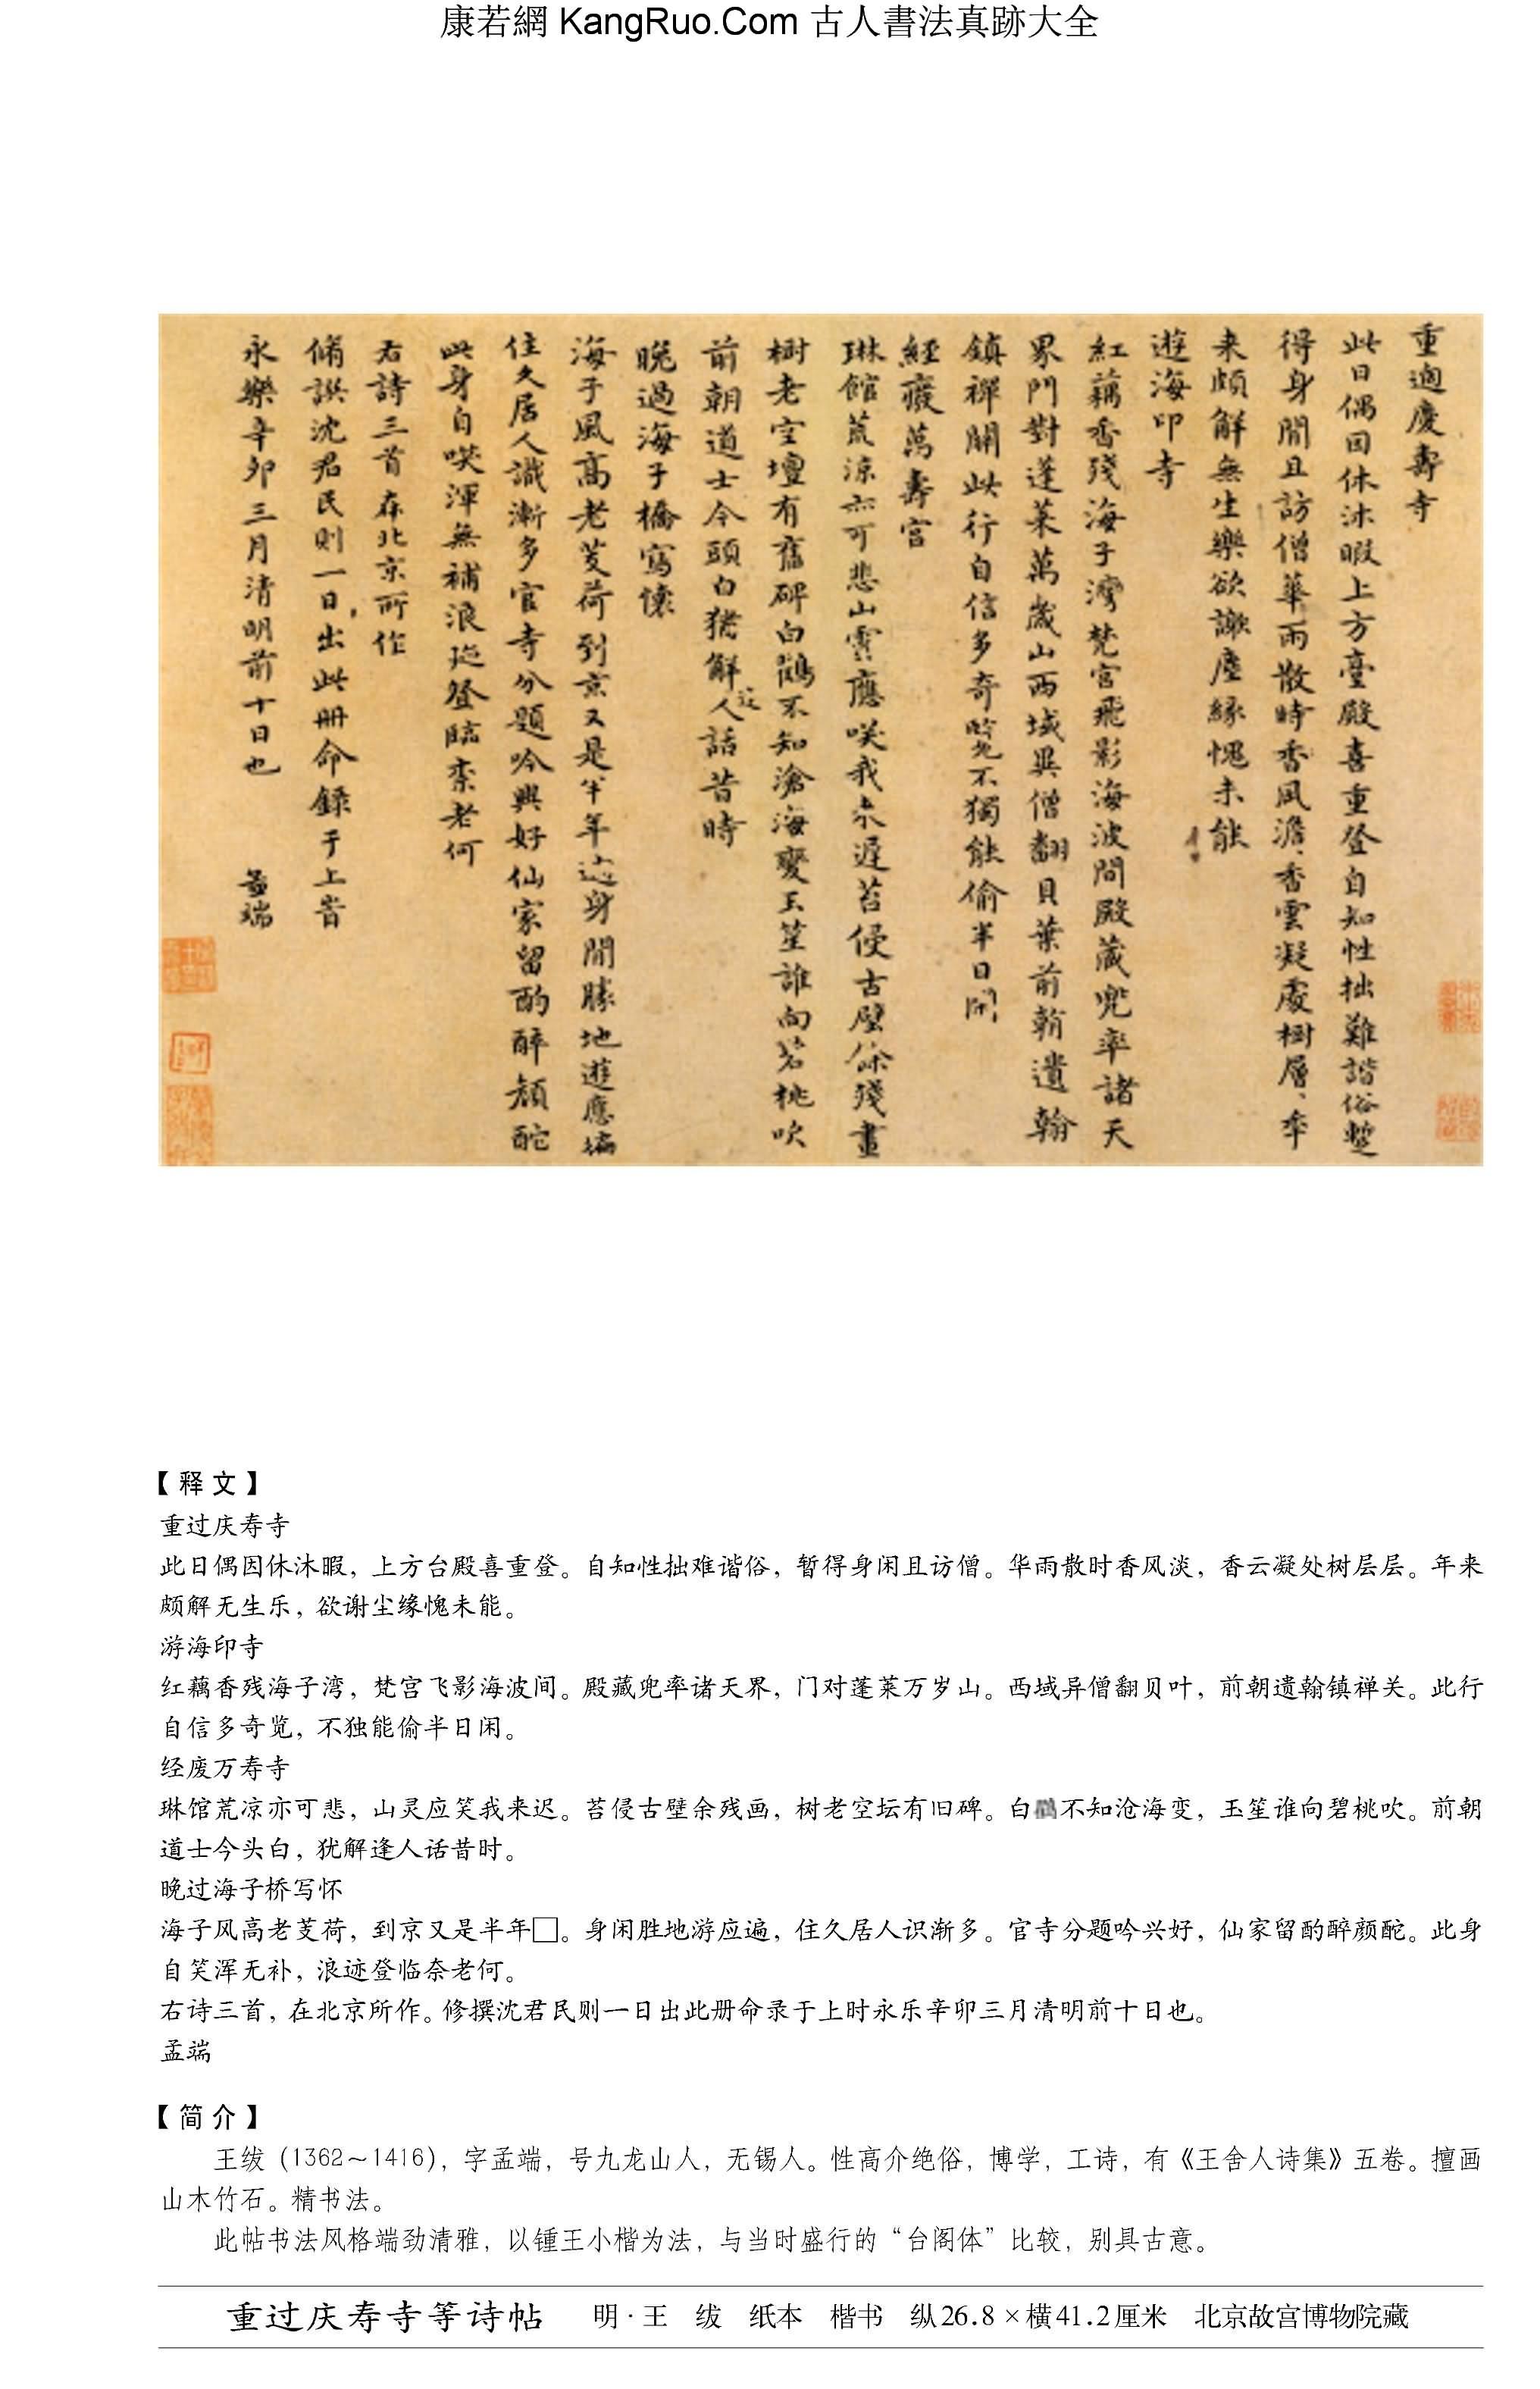 《重過慶壽寺等詩帖》書法真跡(楷書)【明朝·王紱】_00171